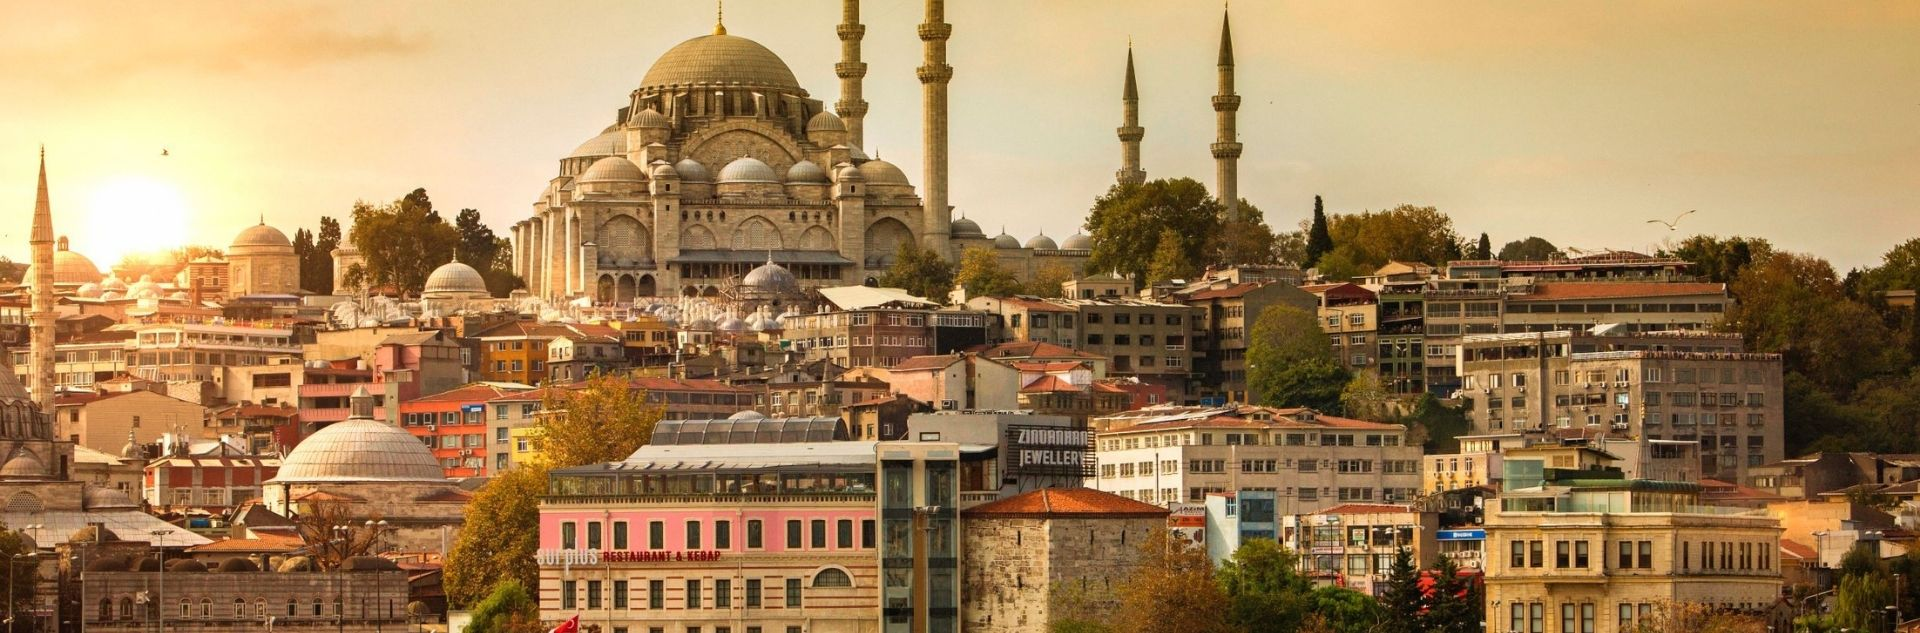 Türkische Moschee bei Sonnenuntergang